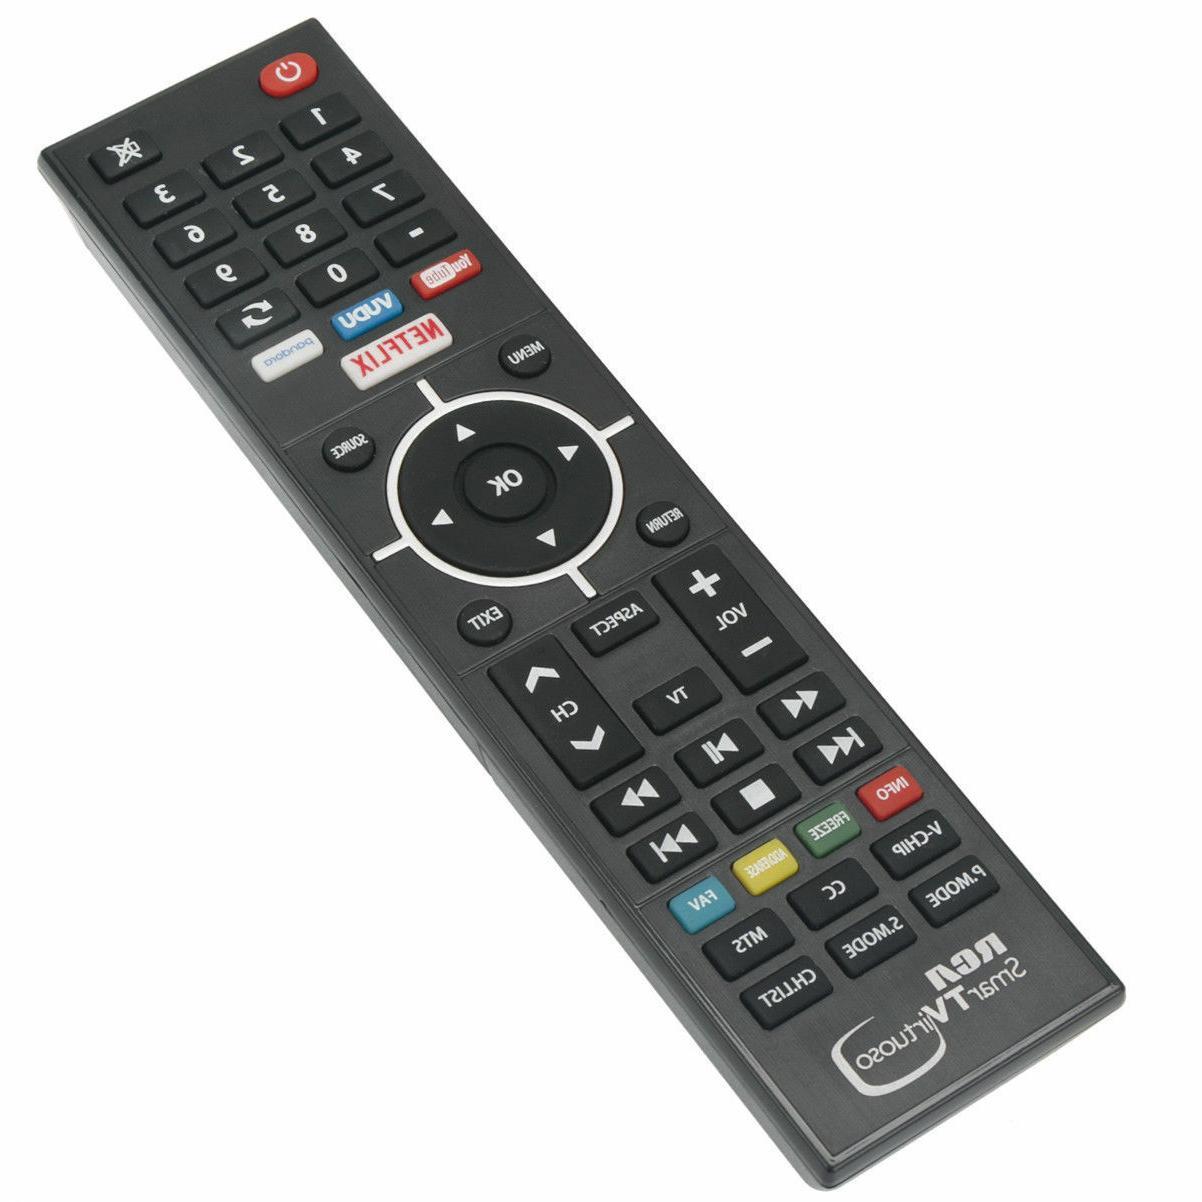 New RCA Remote Control